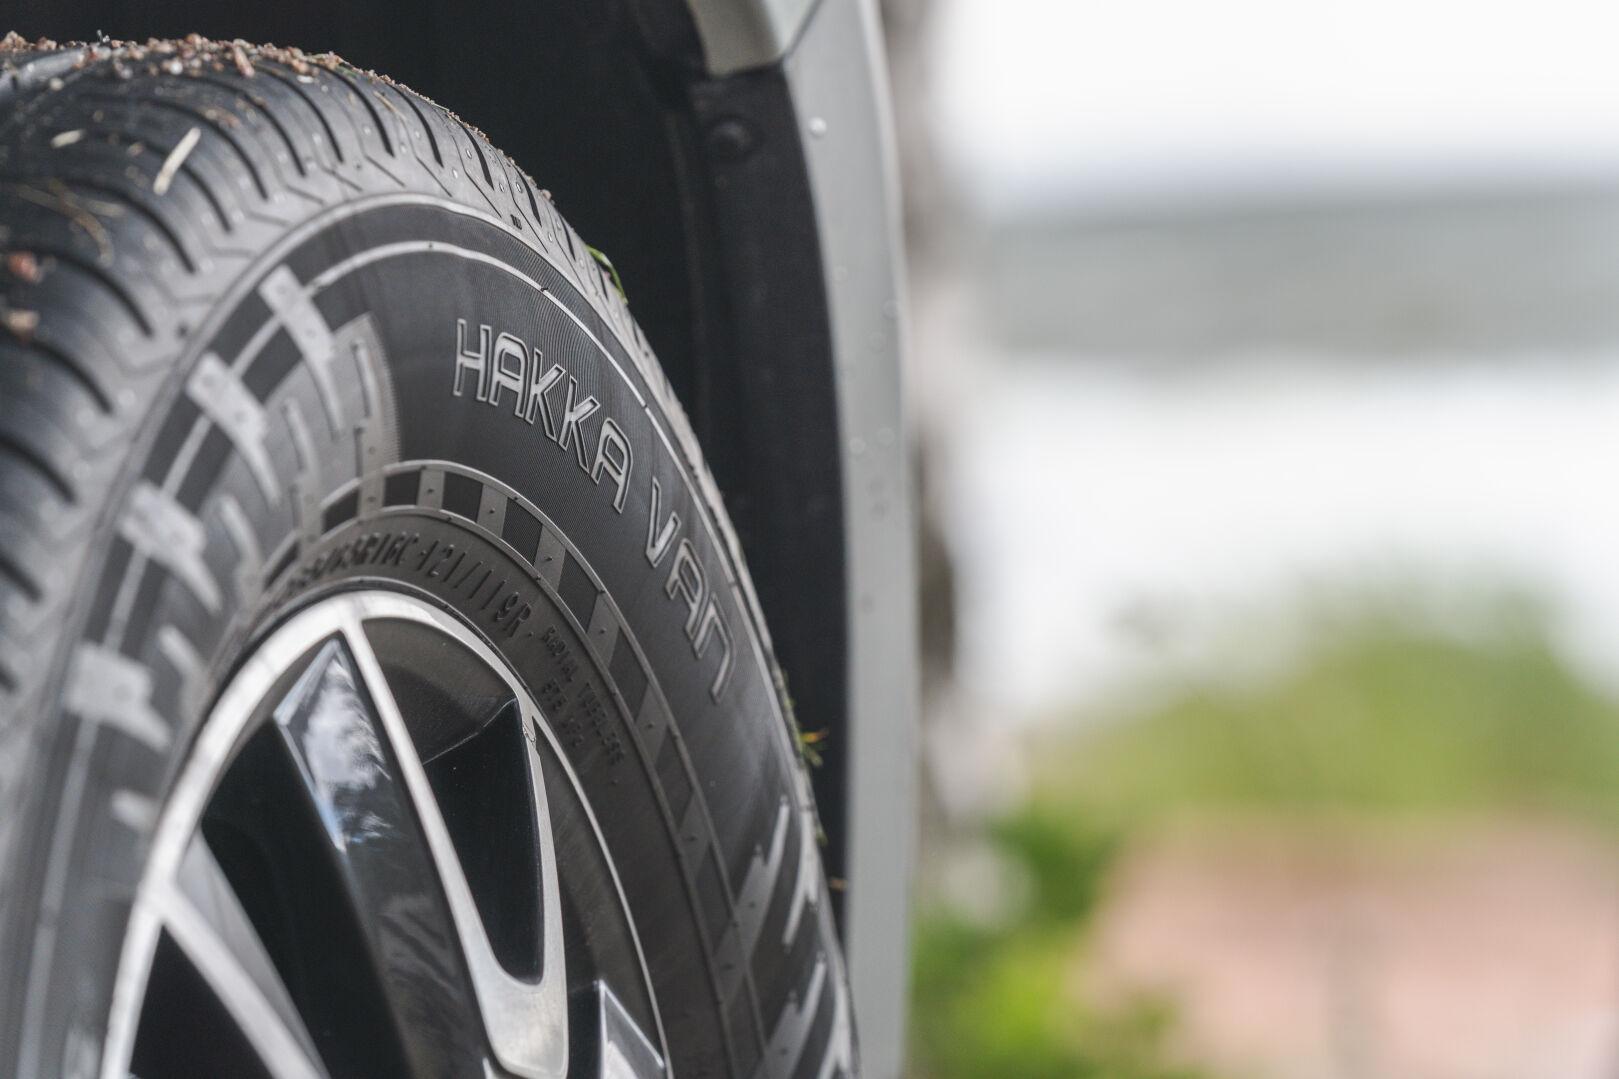 Летние шины Nokian Hakka Van -  новое решение премиум-класса для минивэнов и коммерческого транспорта